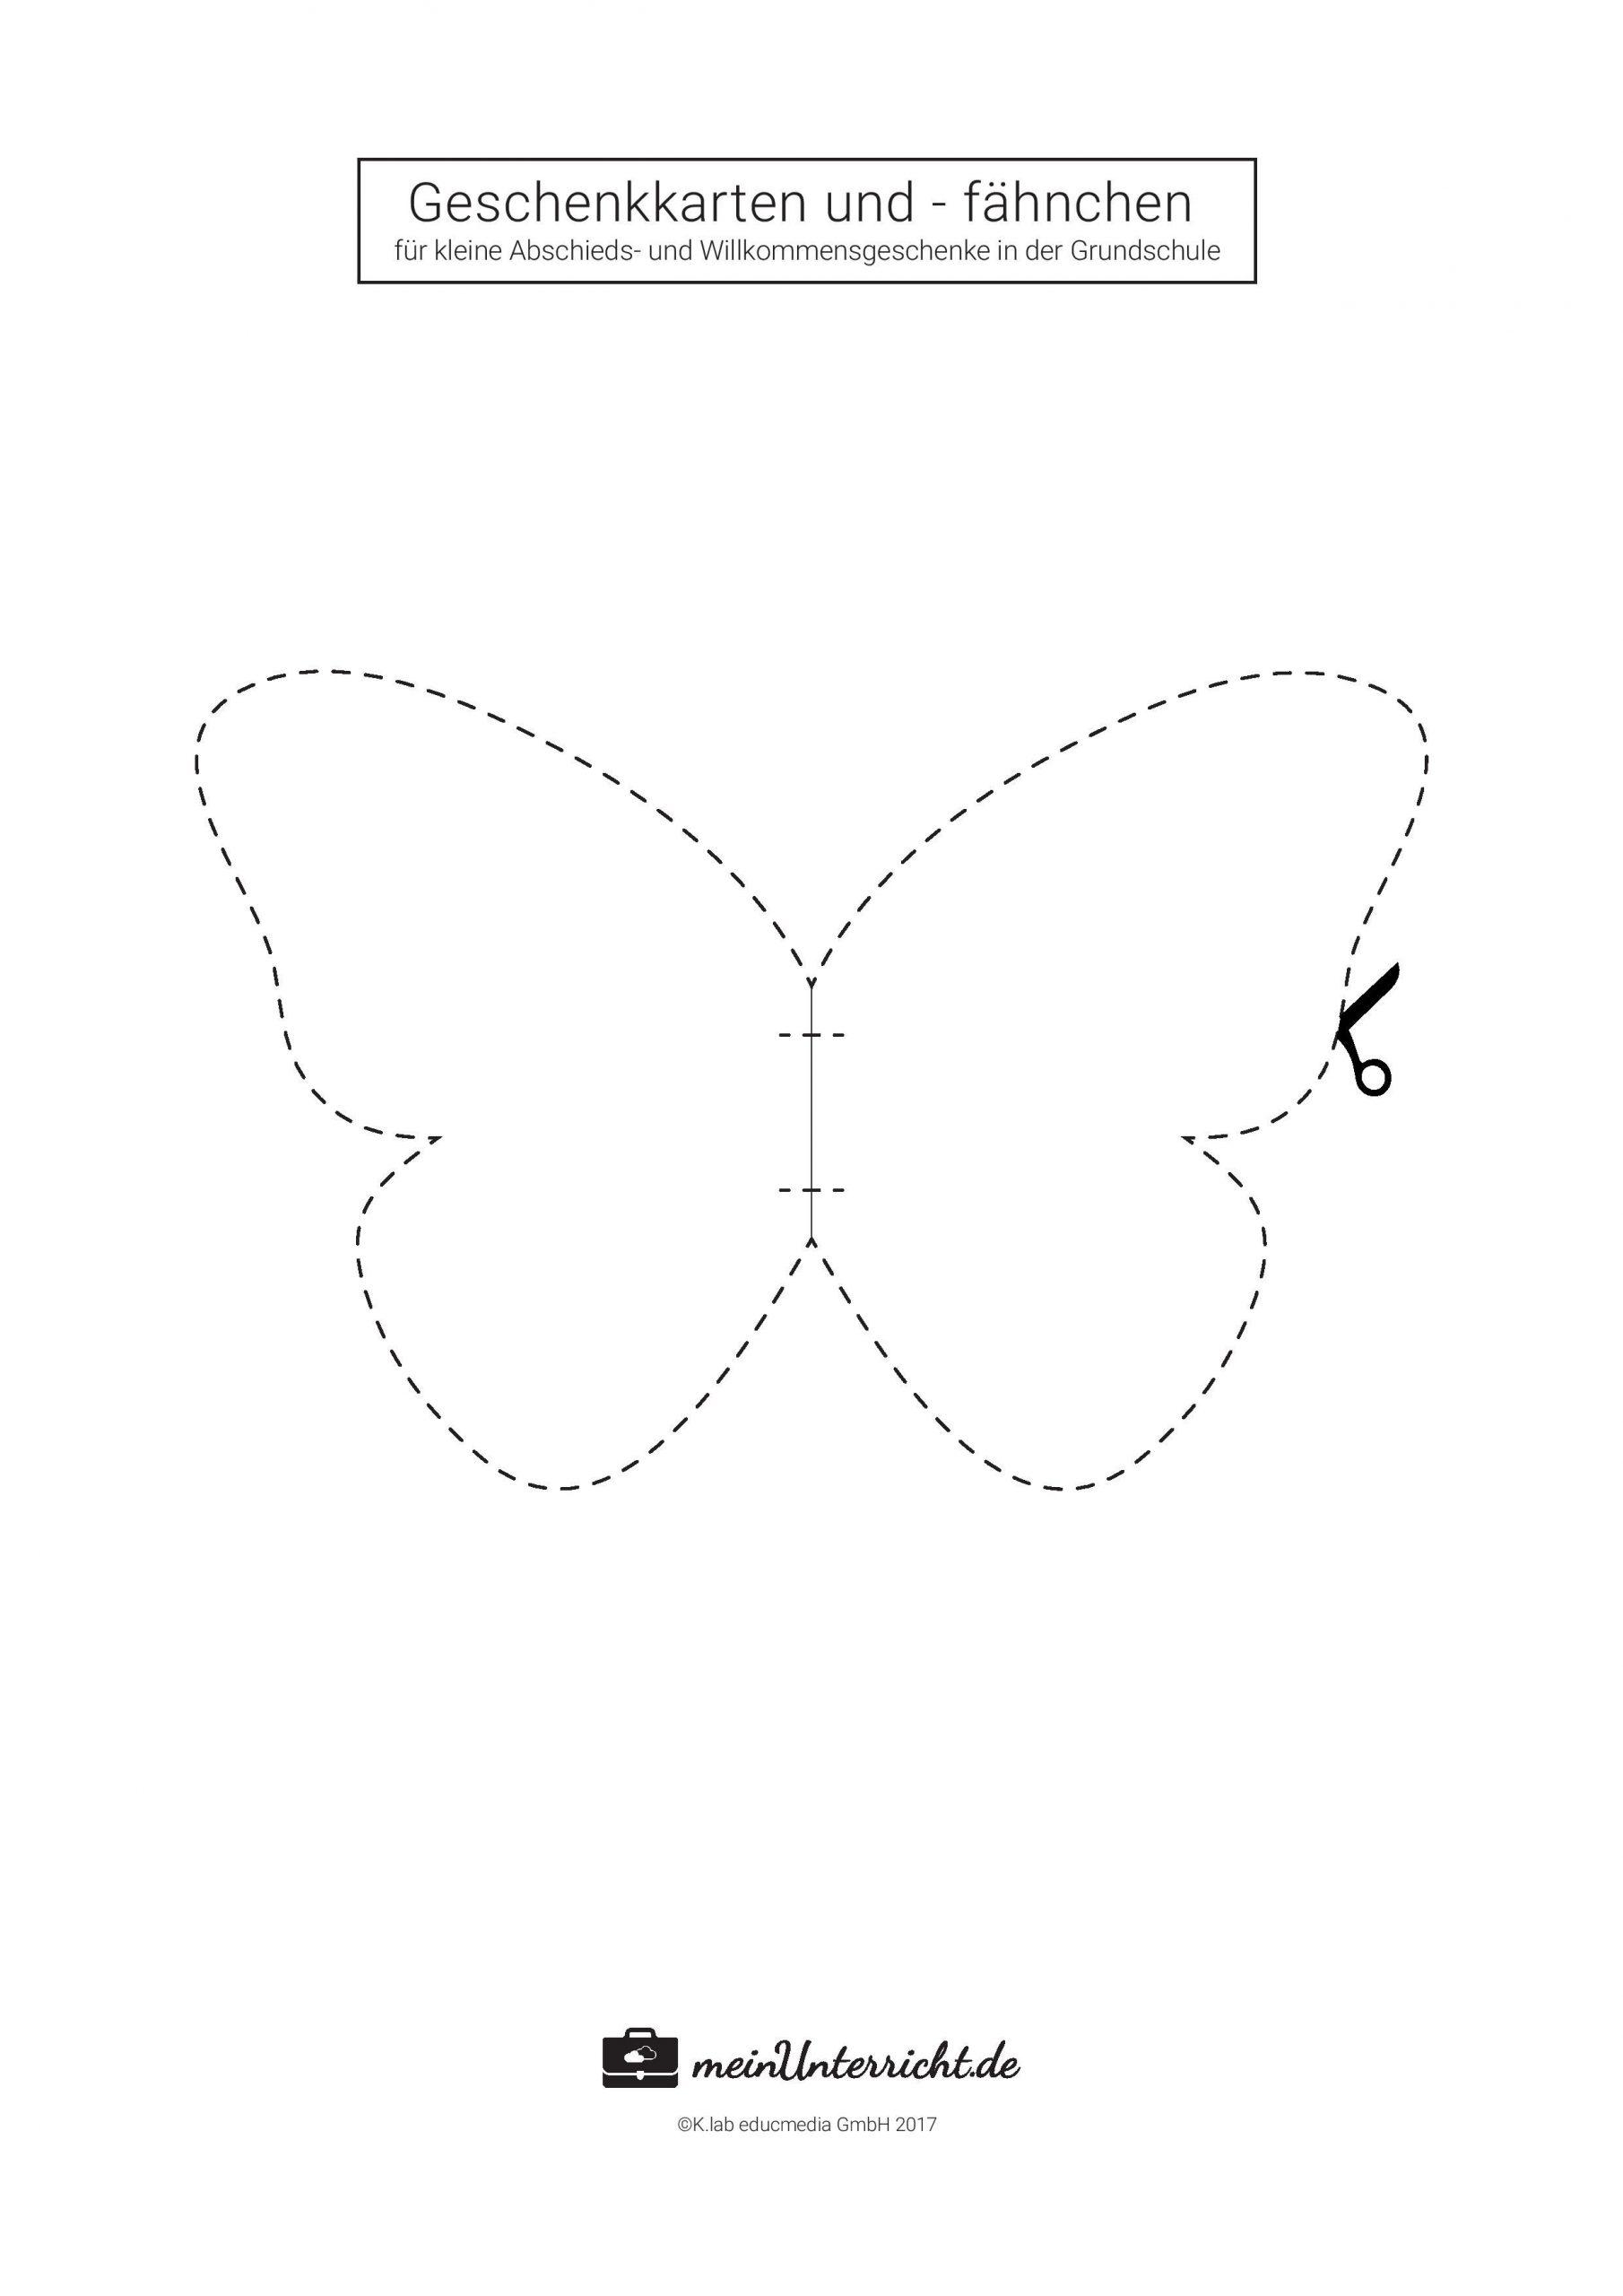 Kleine Geschenke Für Schüler (Mit Bildern) | Geschenke Für ganzes Schmetterlinge Vorlagen